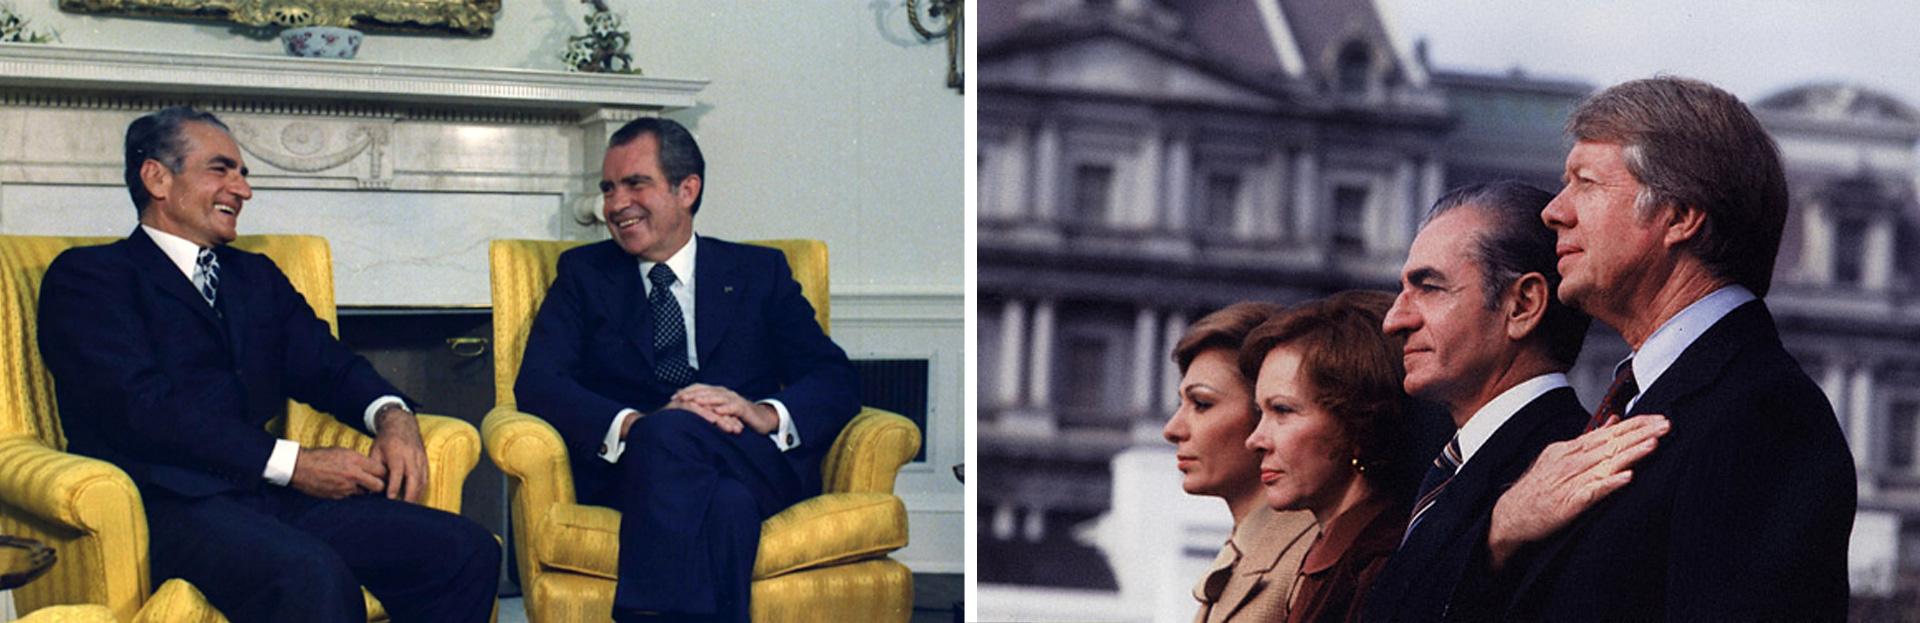 Mỹ sử dụng Iran và Shah Pahlavi làm tiền đồn chống sự ảnh hưởng của Liên Xô ở Trung Đông. Trong ảnh là các Tổng thống Mỹ Richard Nixon và Jimmy Carter trong những lần gặp gỡ Quốc vương Shah Pahlavi.